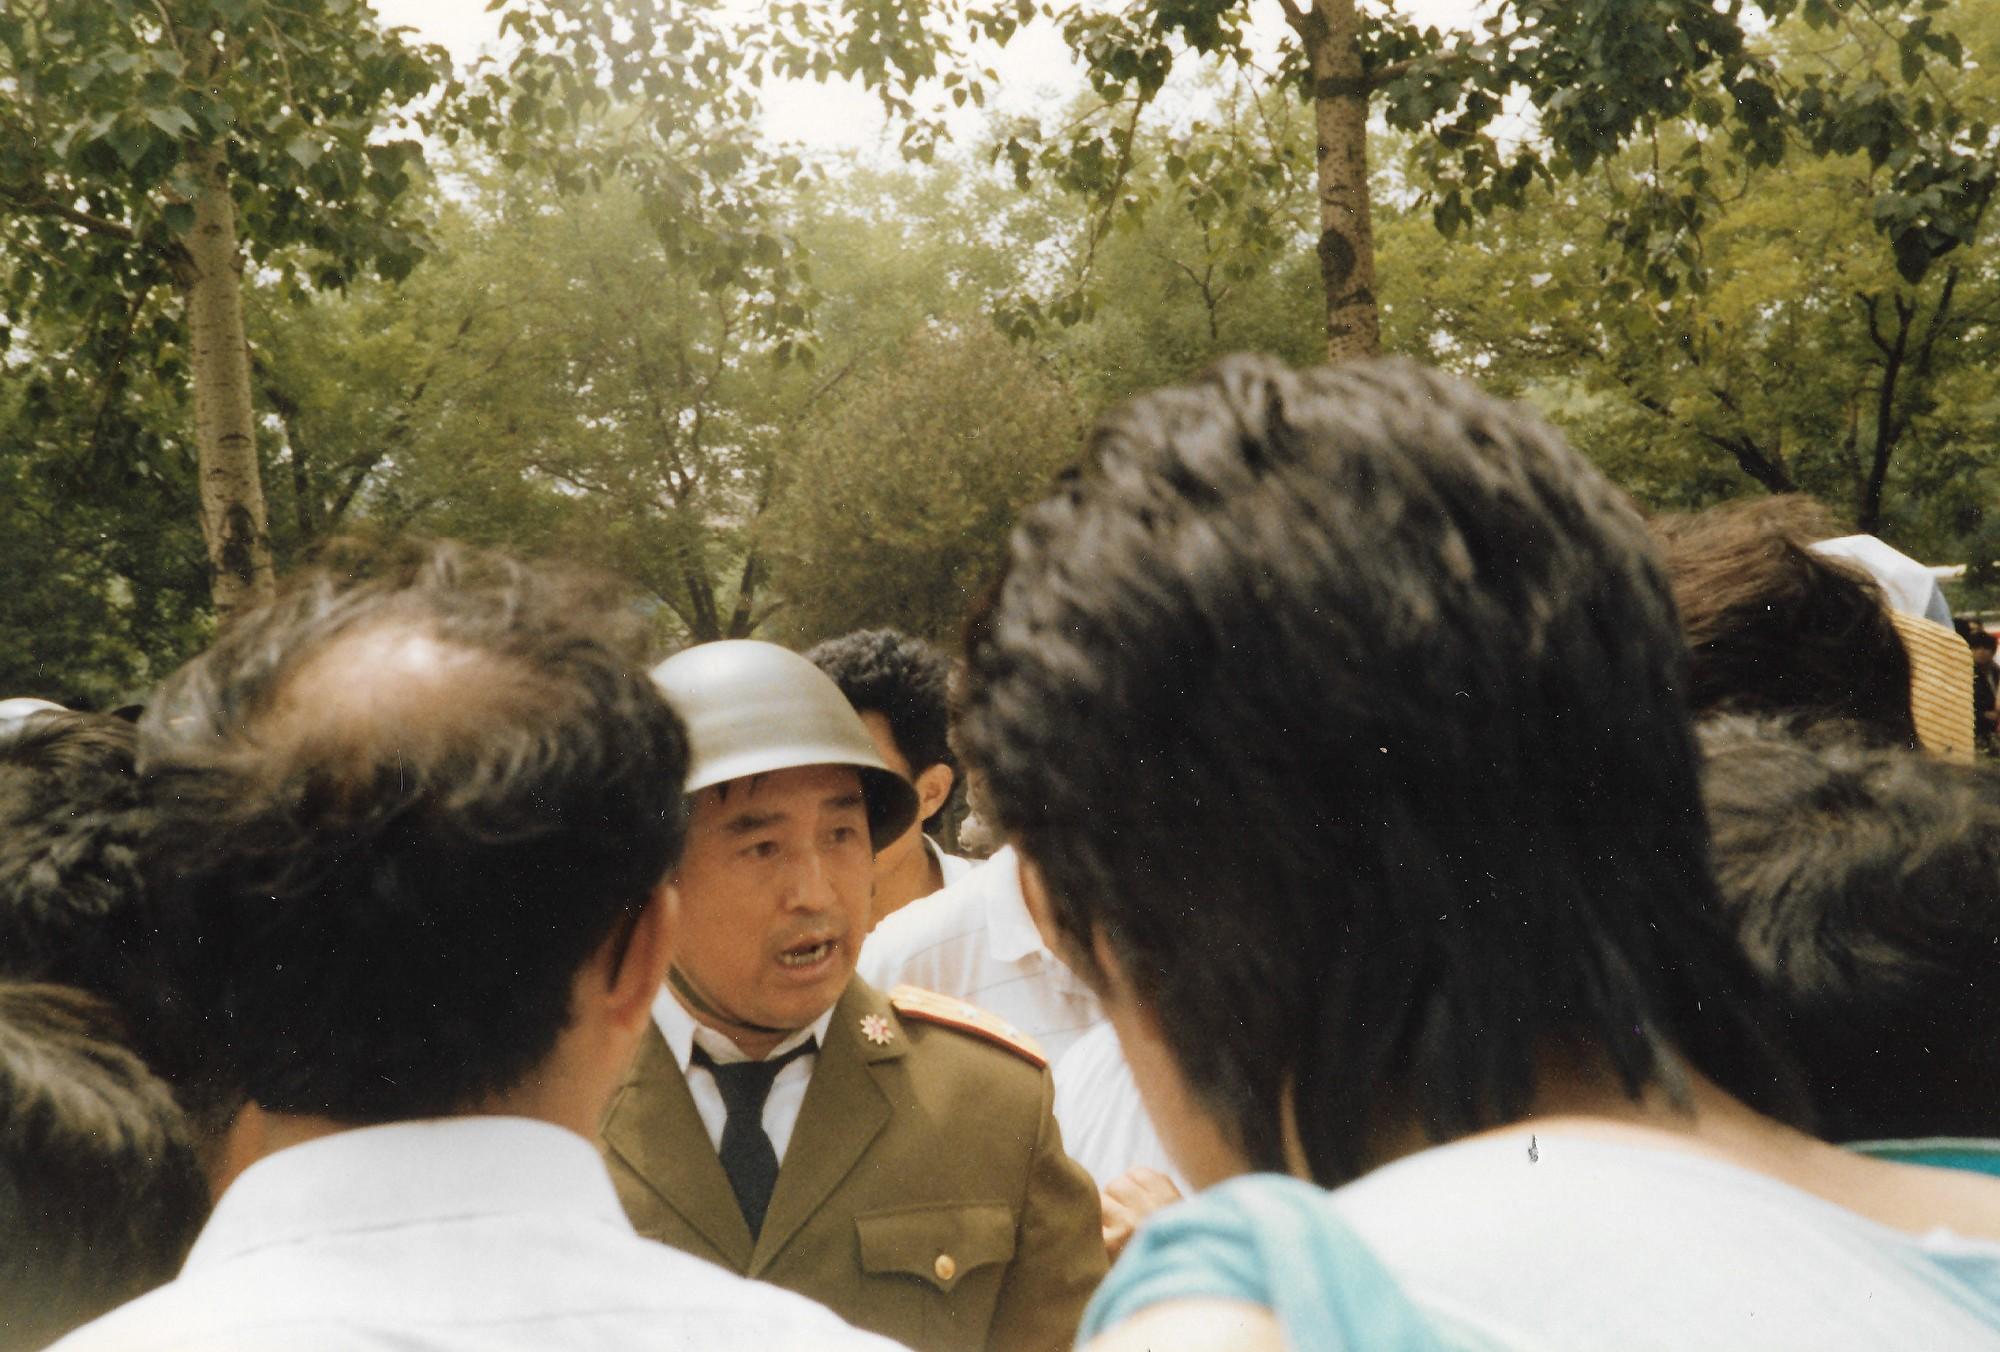 1989年6月3日上午,一路軍人在北京長安街木樨地受阻。他們要拖回壓死人的警車,被民眾阻攔。(王珍提供)